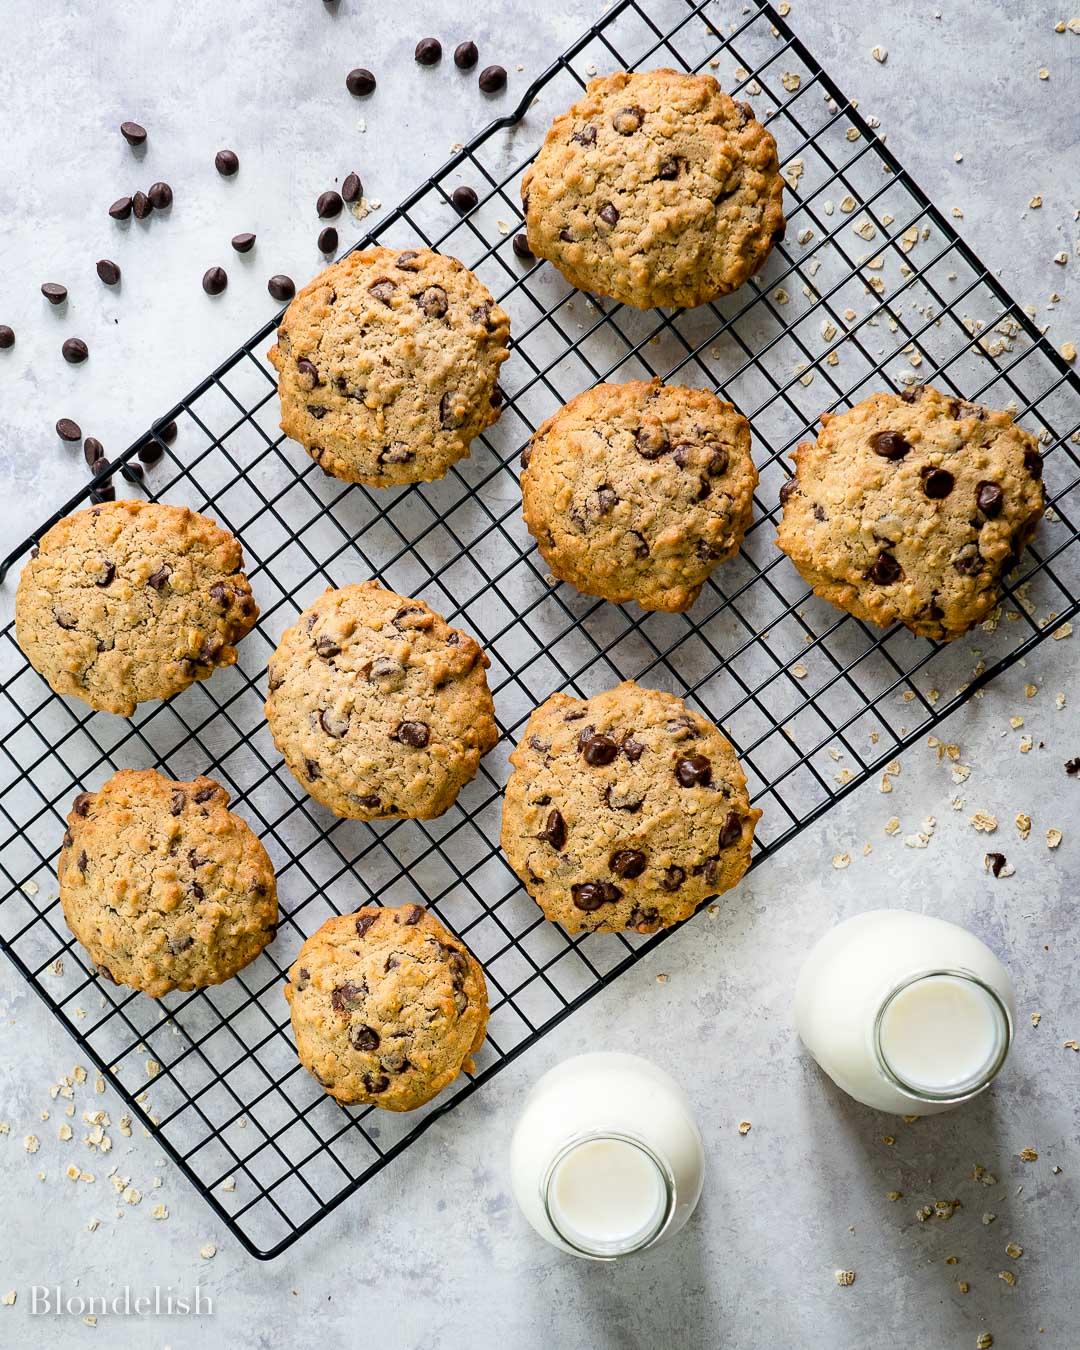 Biscuiții Tuc (fursecuri) sunt potriviți pentru pierderea în greutate (nutriție)